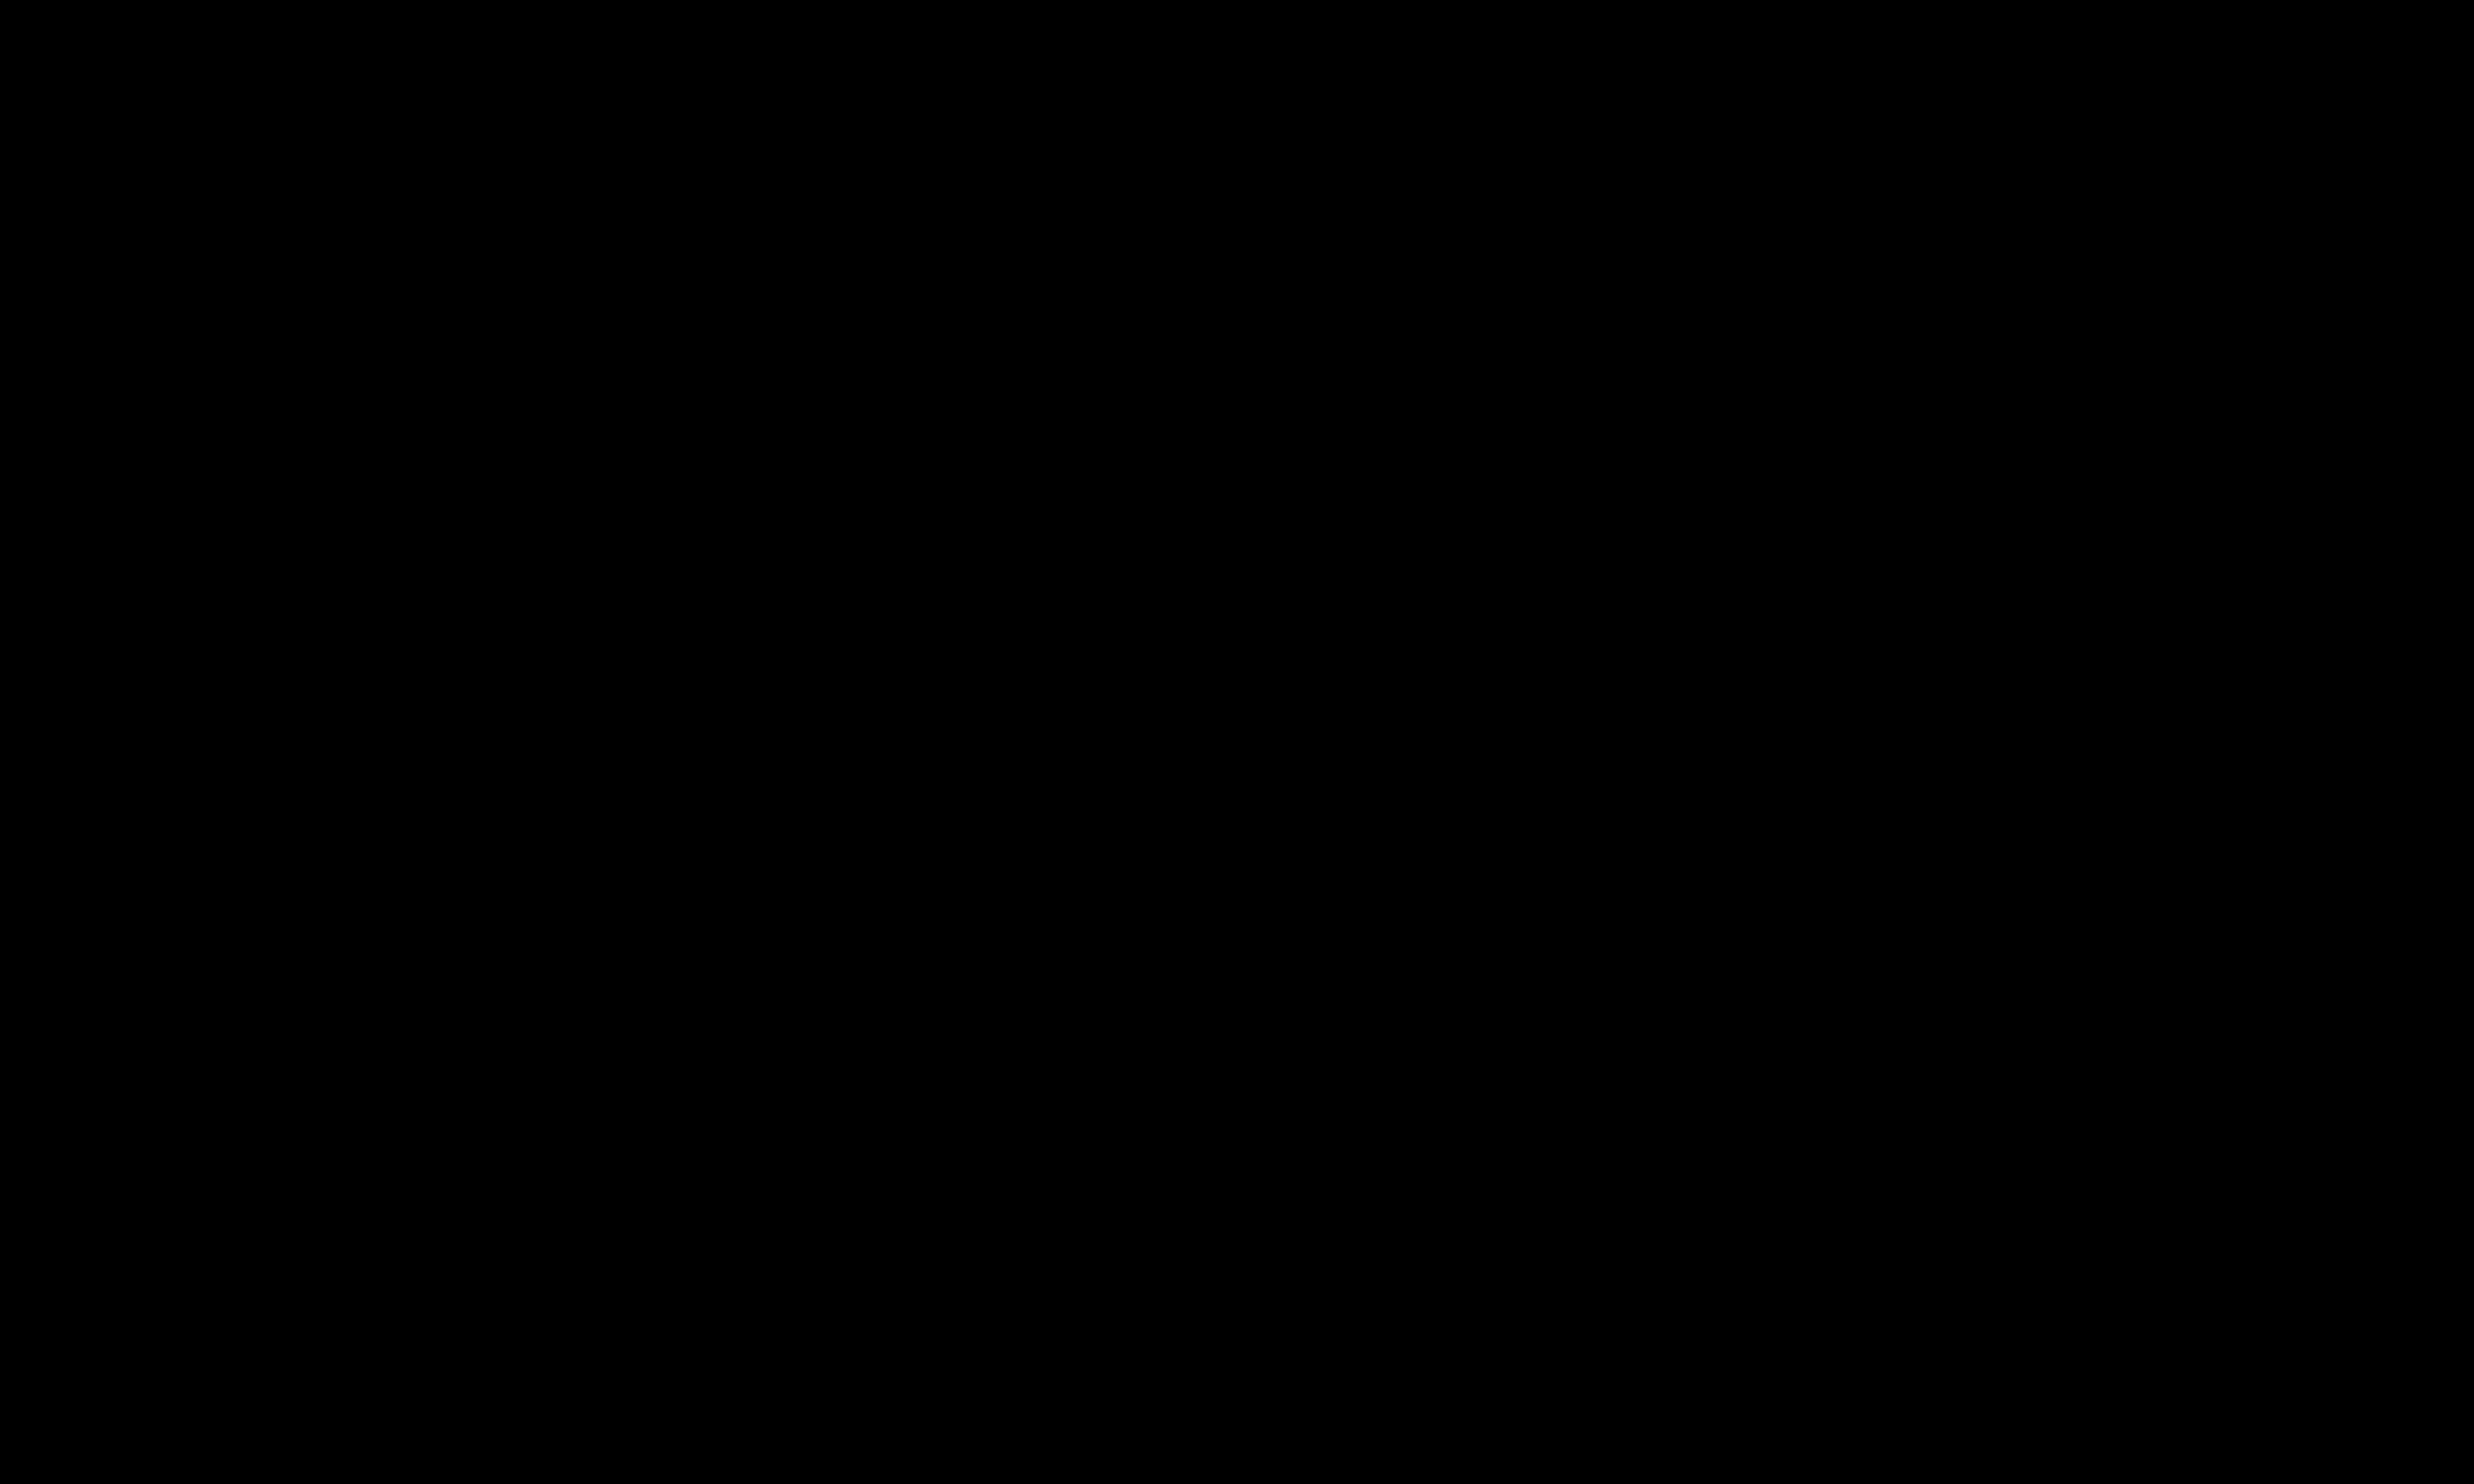 Le caratteristiche delle vernici per parquet